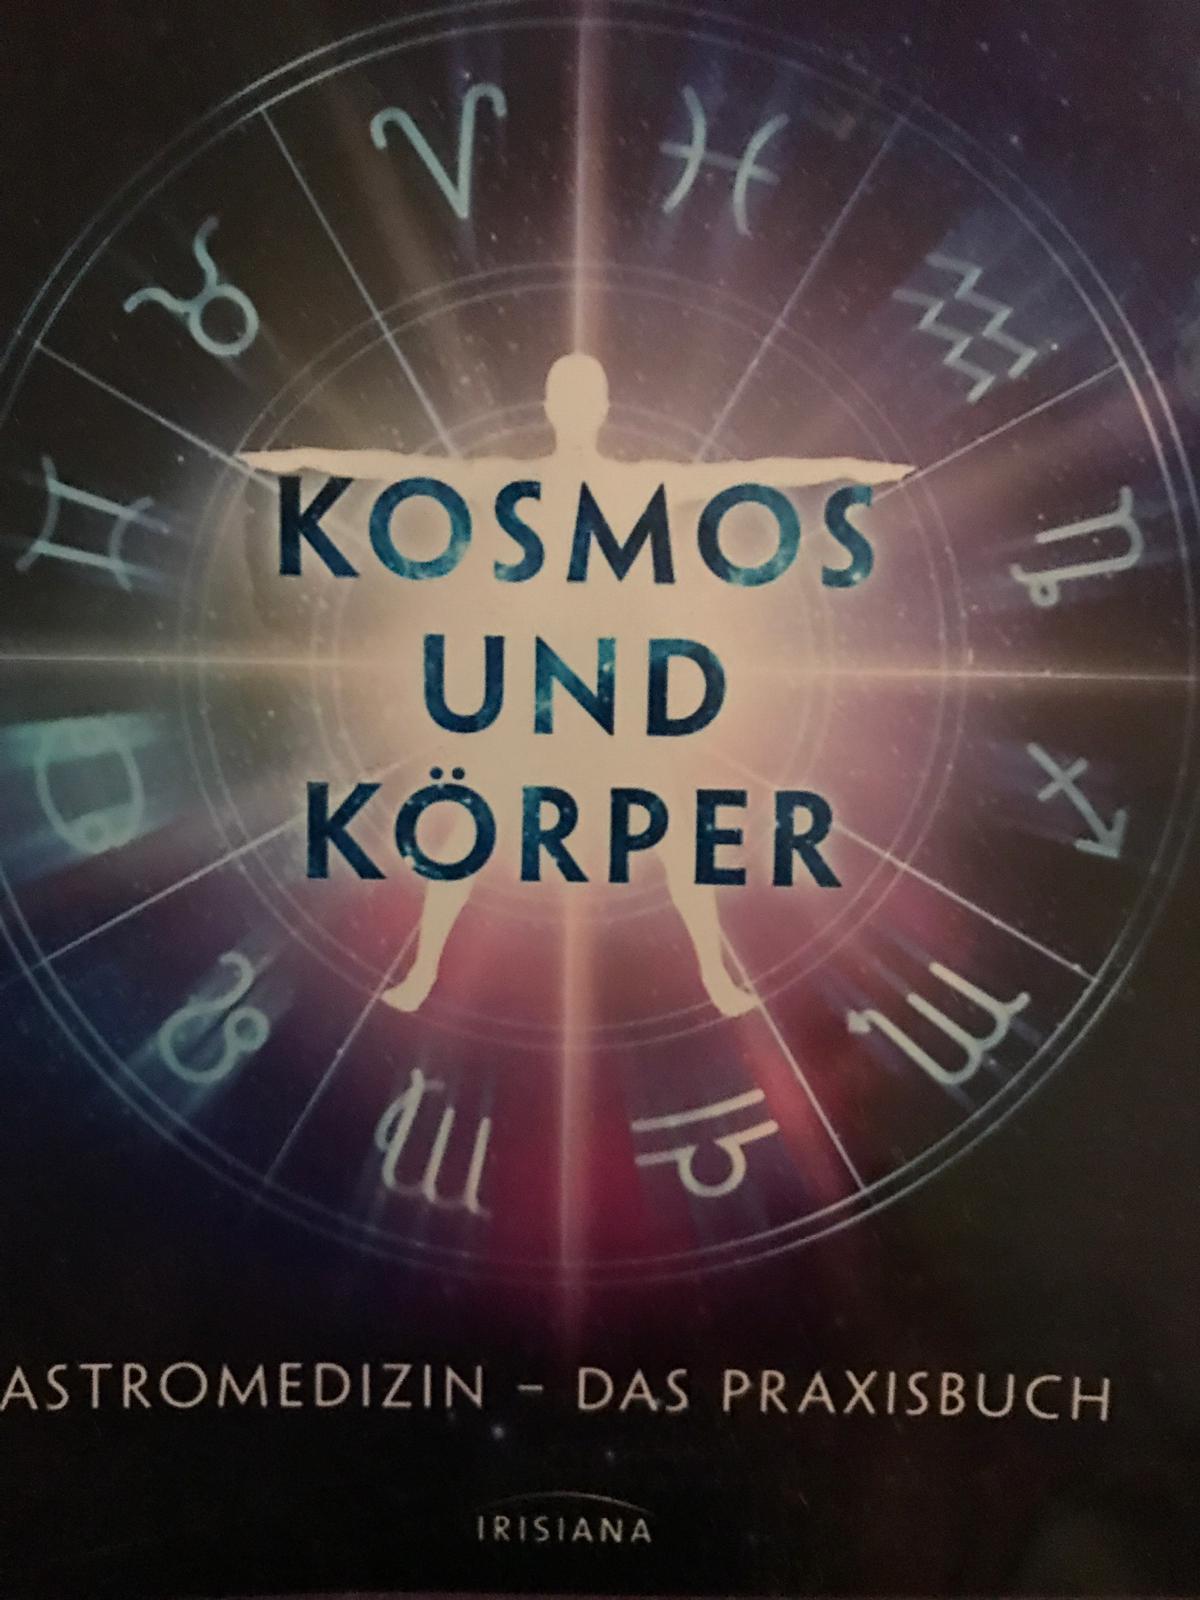 Kosmos Und Korper Mit Kirsten Hanser Sat1